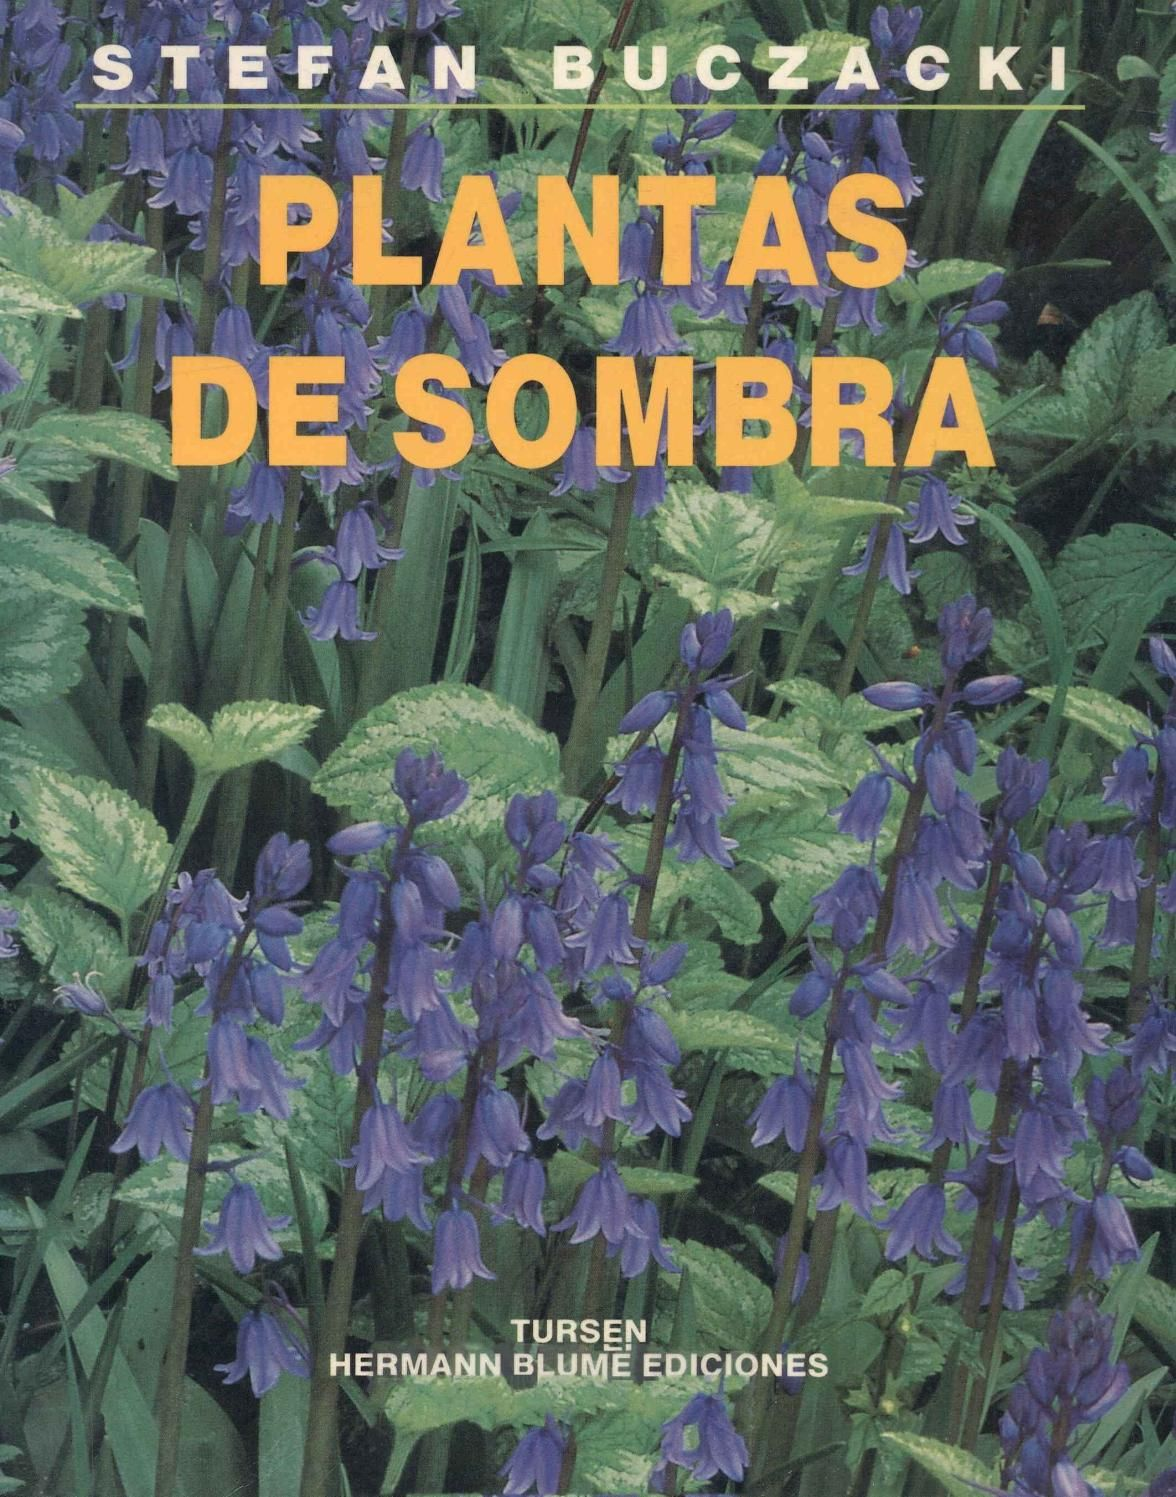 Blume stefan buczacki plantas de sombra libros de - Libros sobre jardineria ...